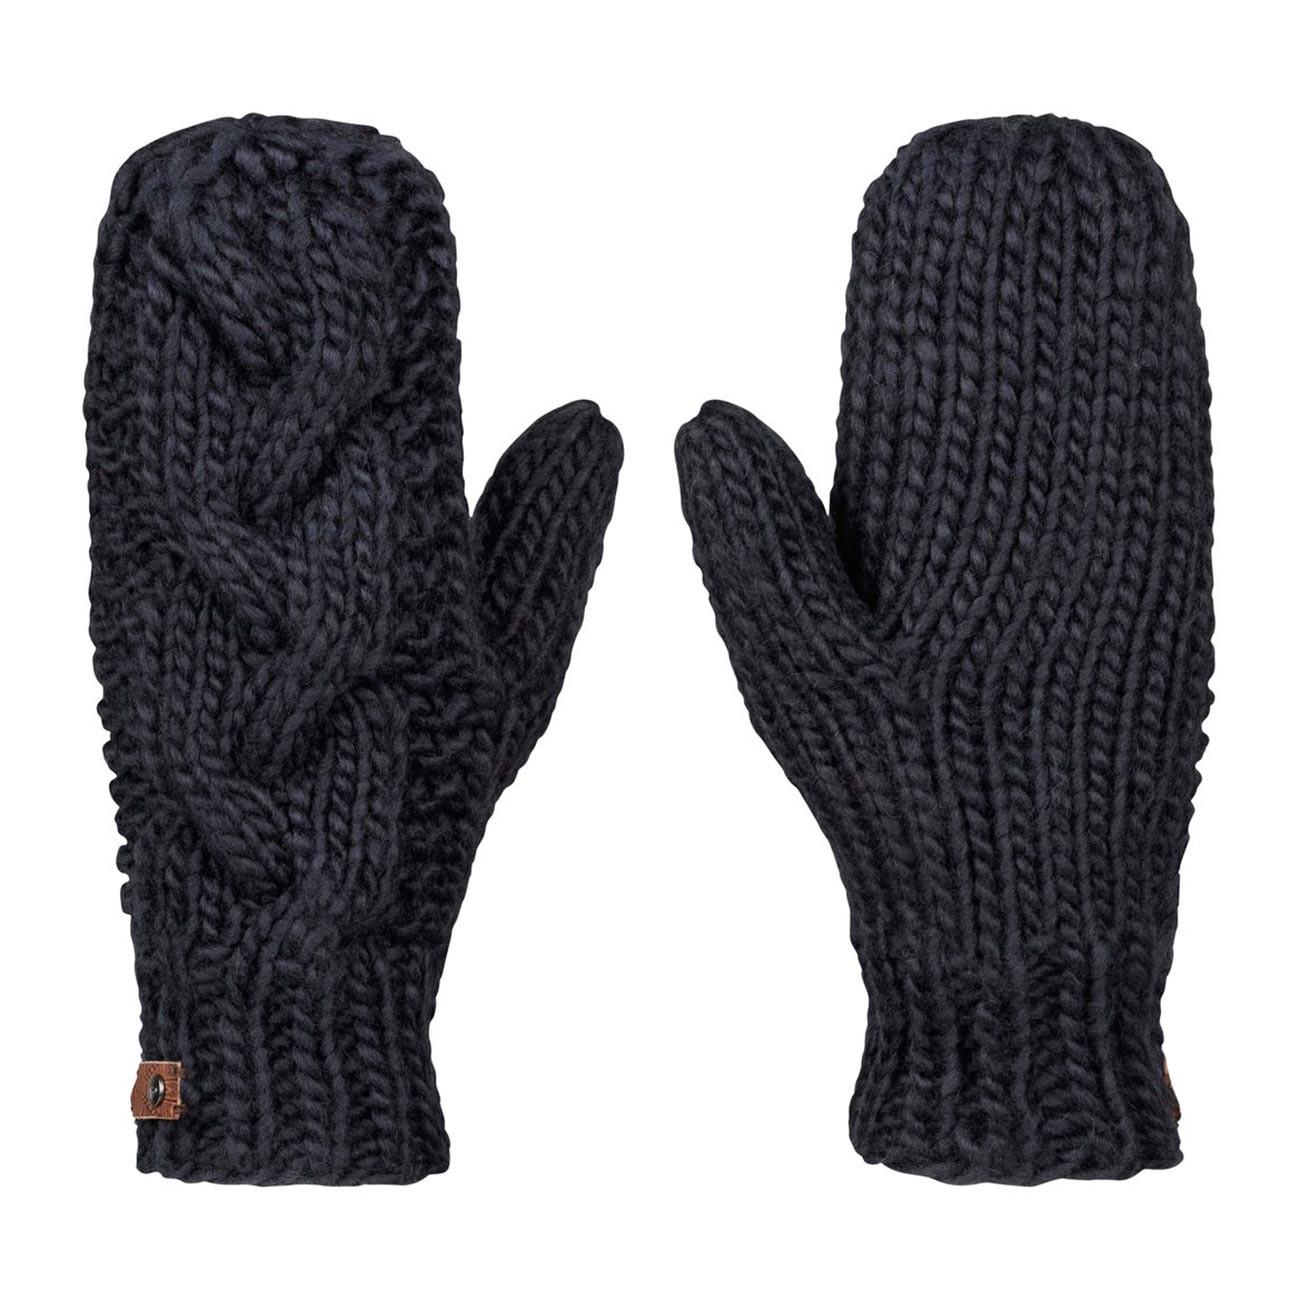 Rukavice Roxy Winter Mittens true black 16/17 + doručení do 24 hodin